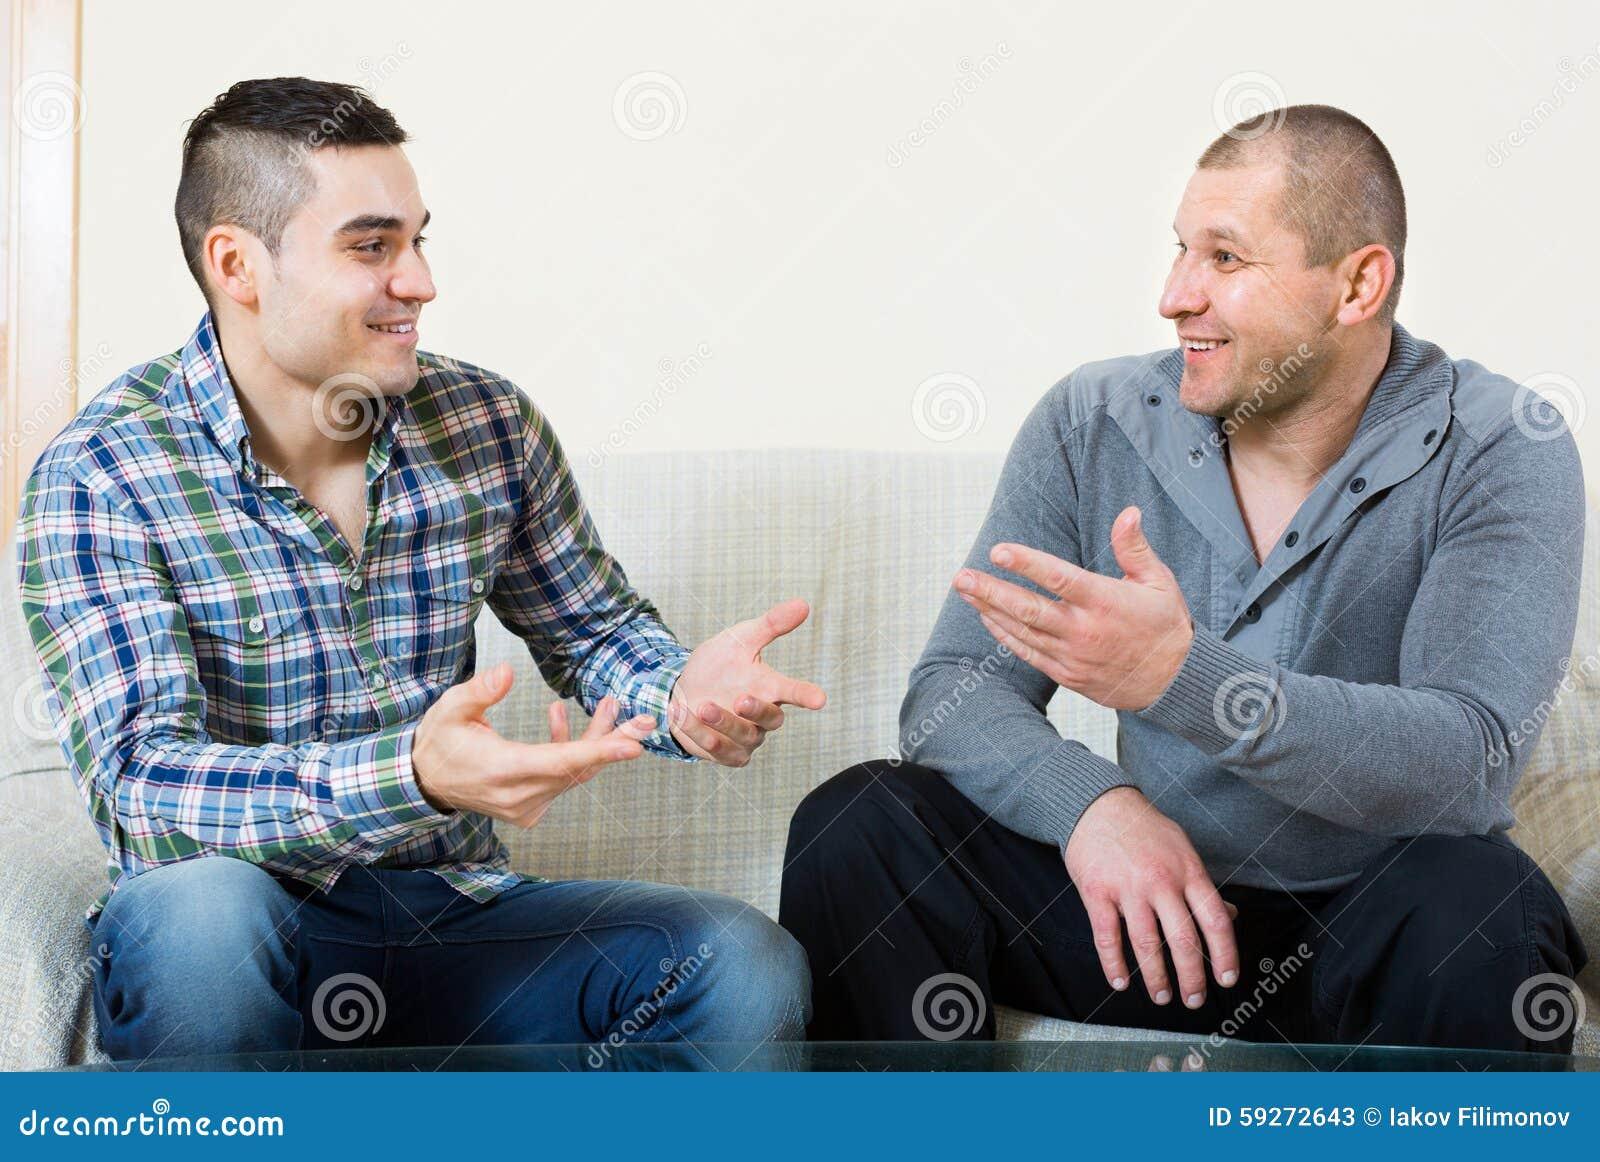 Conversación entre dos hombres interiores